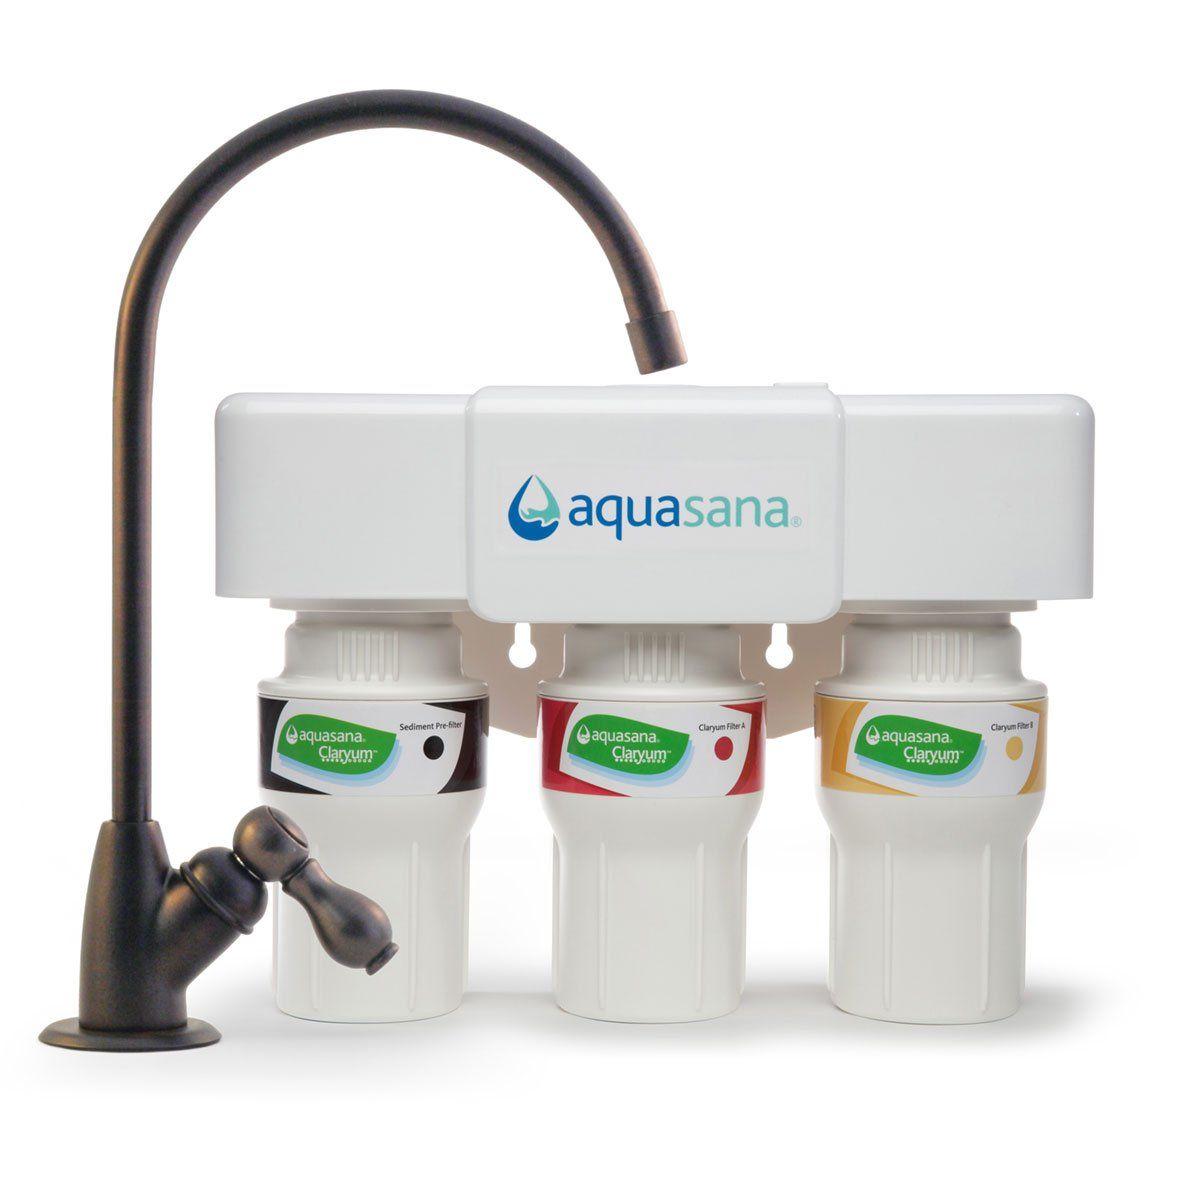 Aquasana 3 Stage Under Sink Water Filter System Kitchen Counter